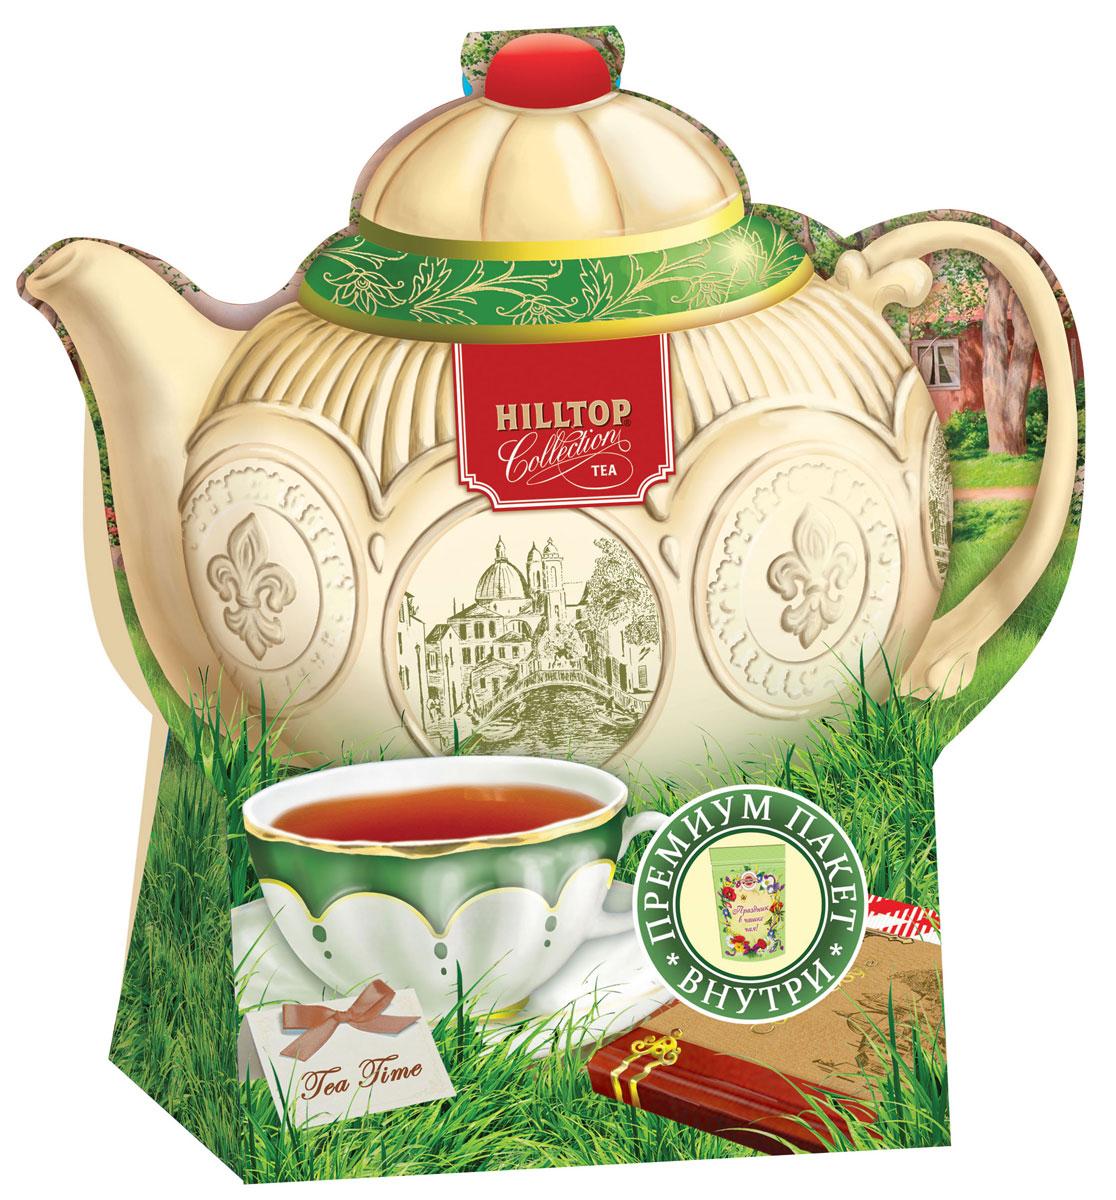 Hilltop Подарок Цейлона черный листовой чай, 80 г (чайник Английский)4607099306721Крупнолистовой цейлонский черный чай Hilltop Подарок Цейлона с глубоким, насыщенным вкусом и изумительным ароматом. Благодаря красивой праздничной упаковке вы можете подарить этот прекрасный чай своим друзьям и близким.Всё о чае: сорта, факты, советы по выбору и употреблению. Статья OZON Гид